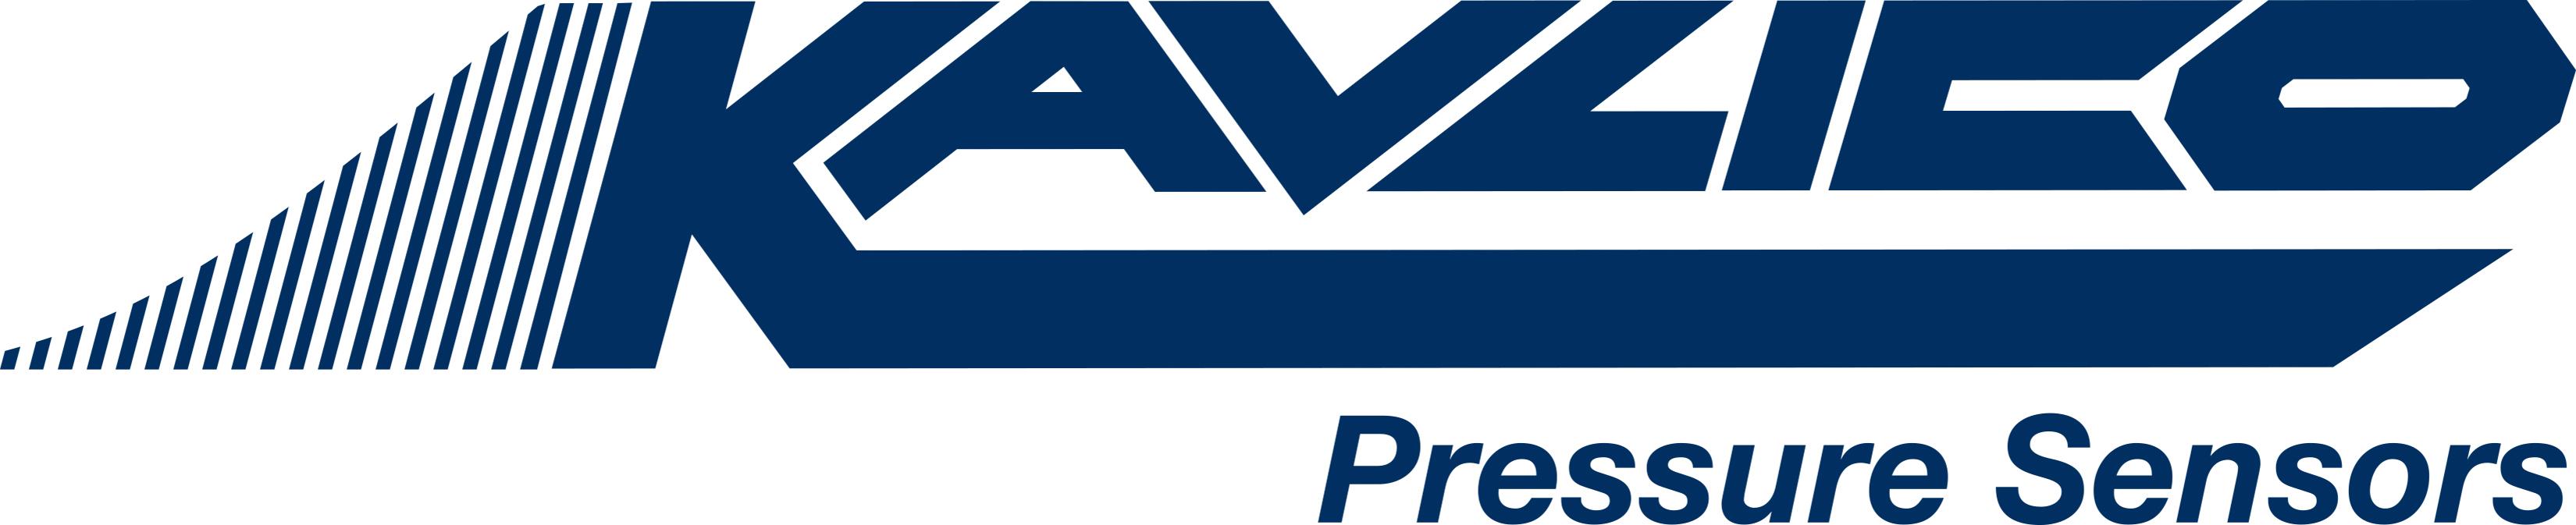 Kavlico-pressure-logo